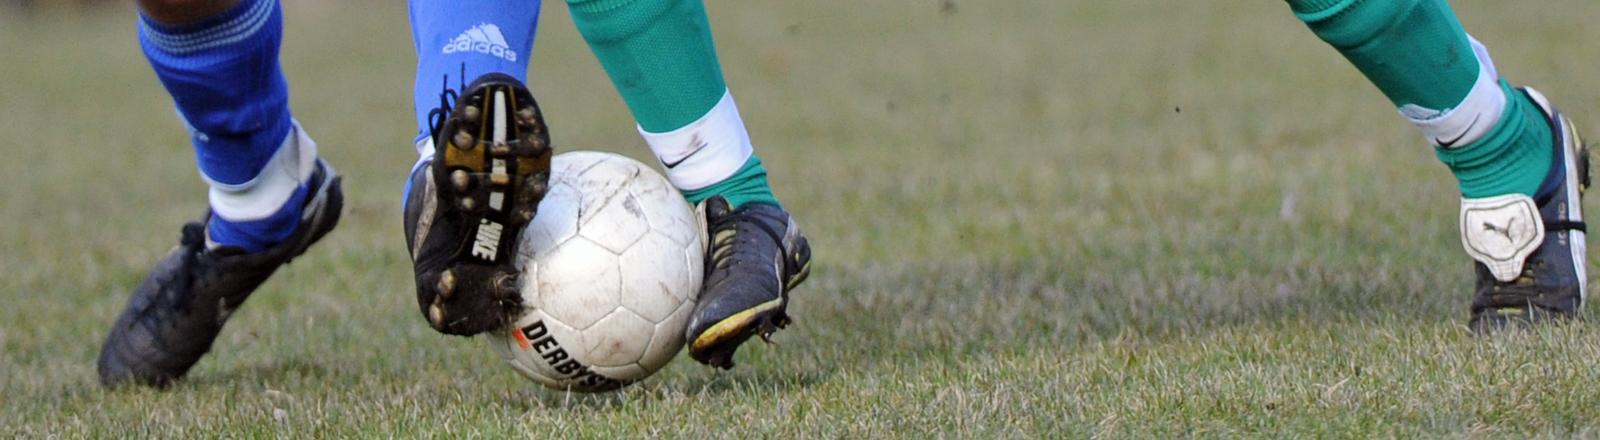 Fußballer treten gegen einen Ball.